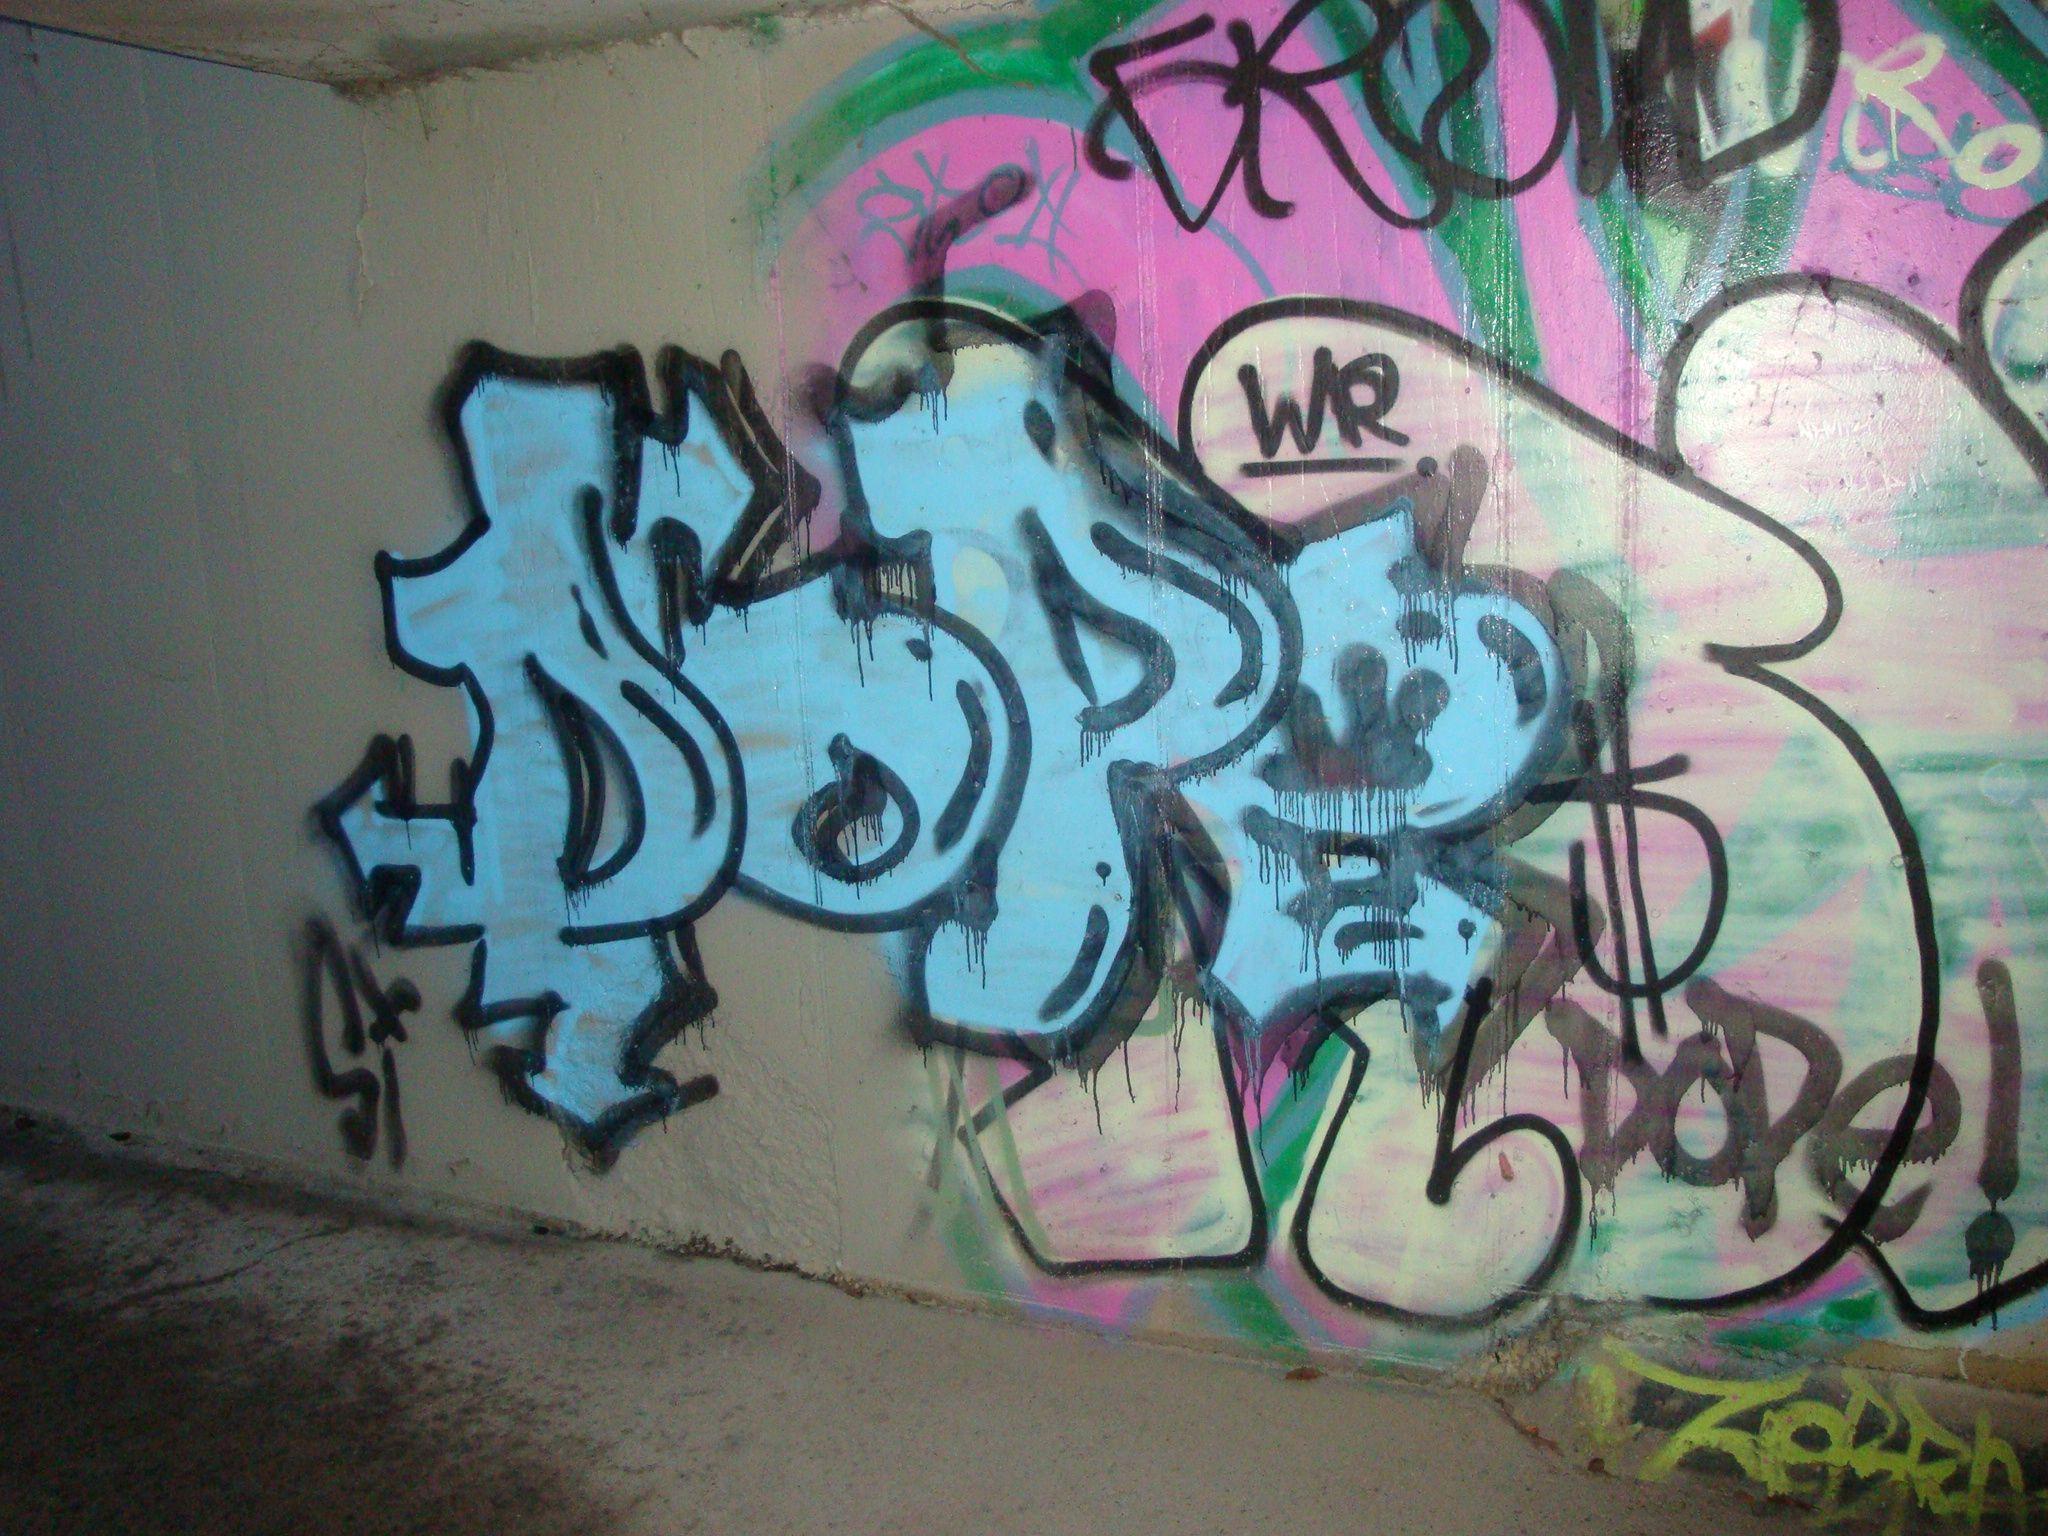 Wall graffiti dope